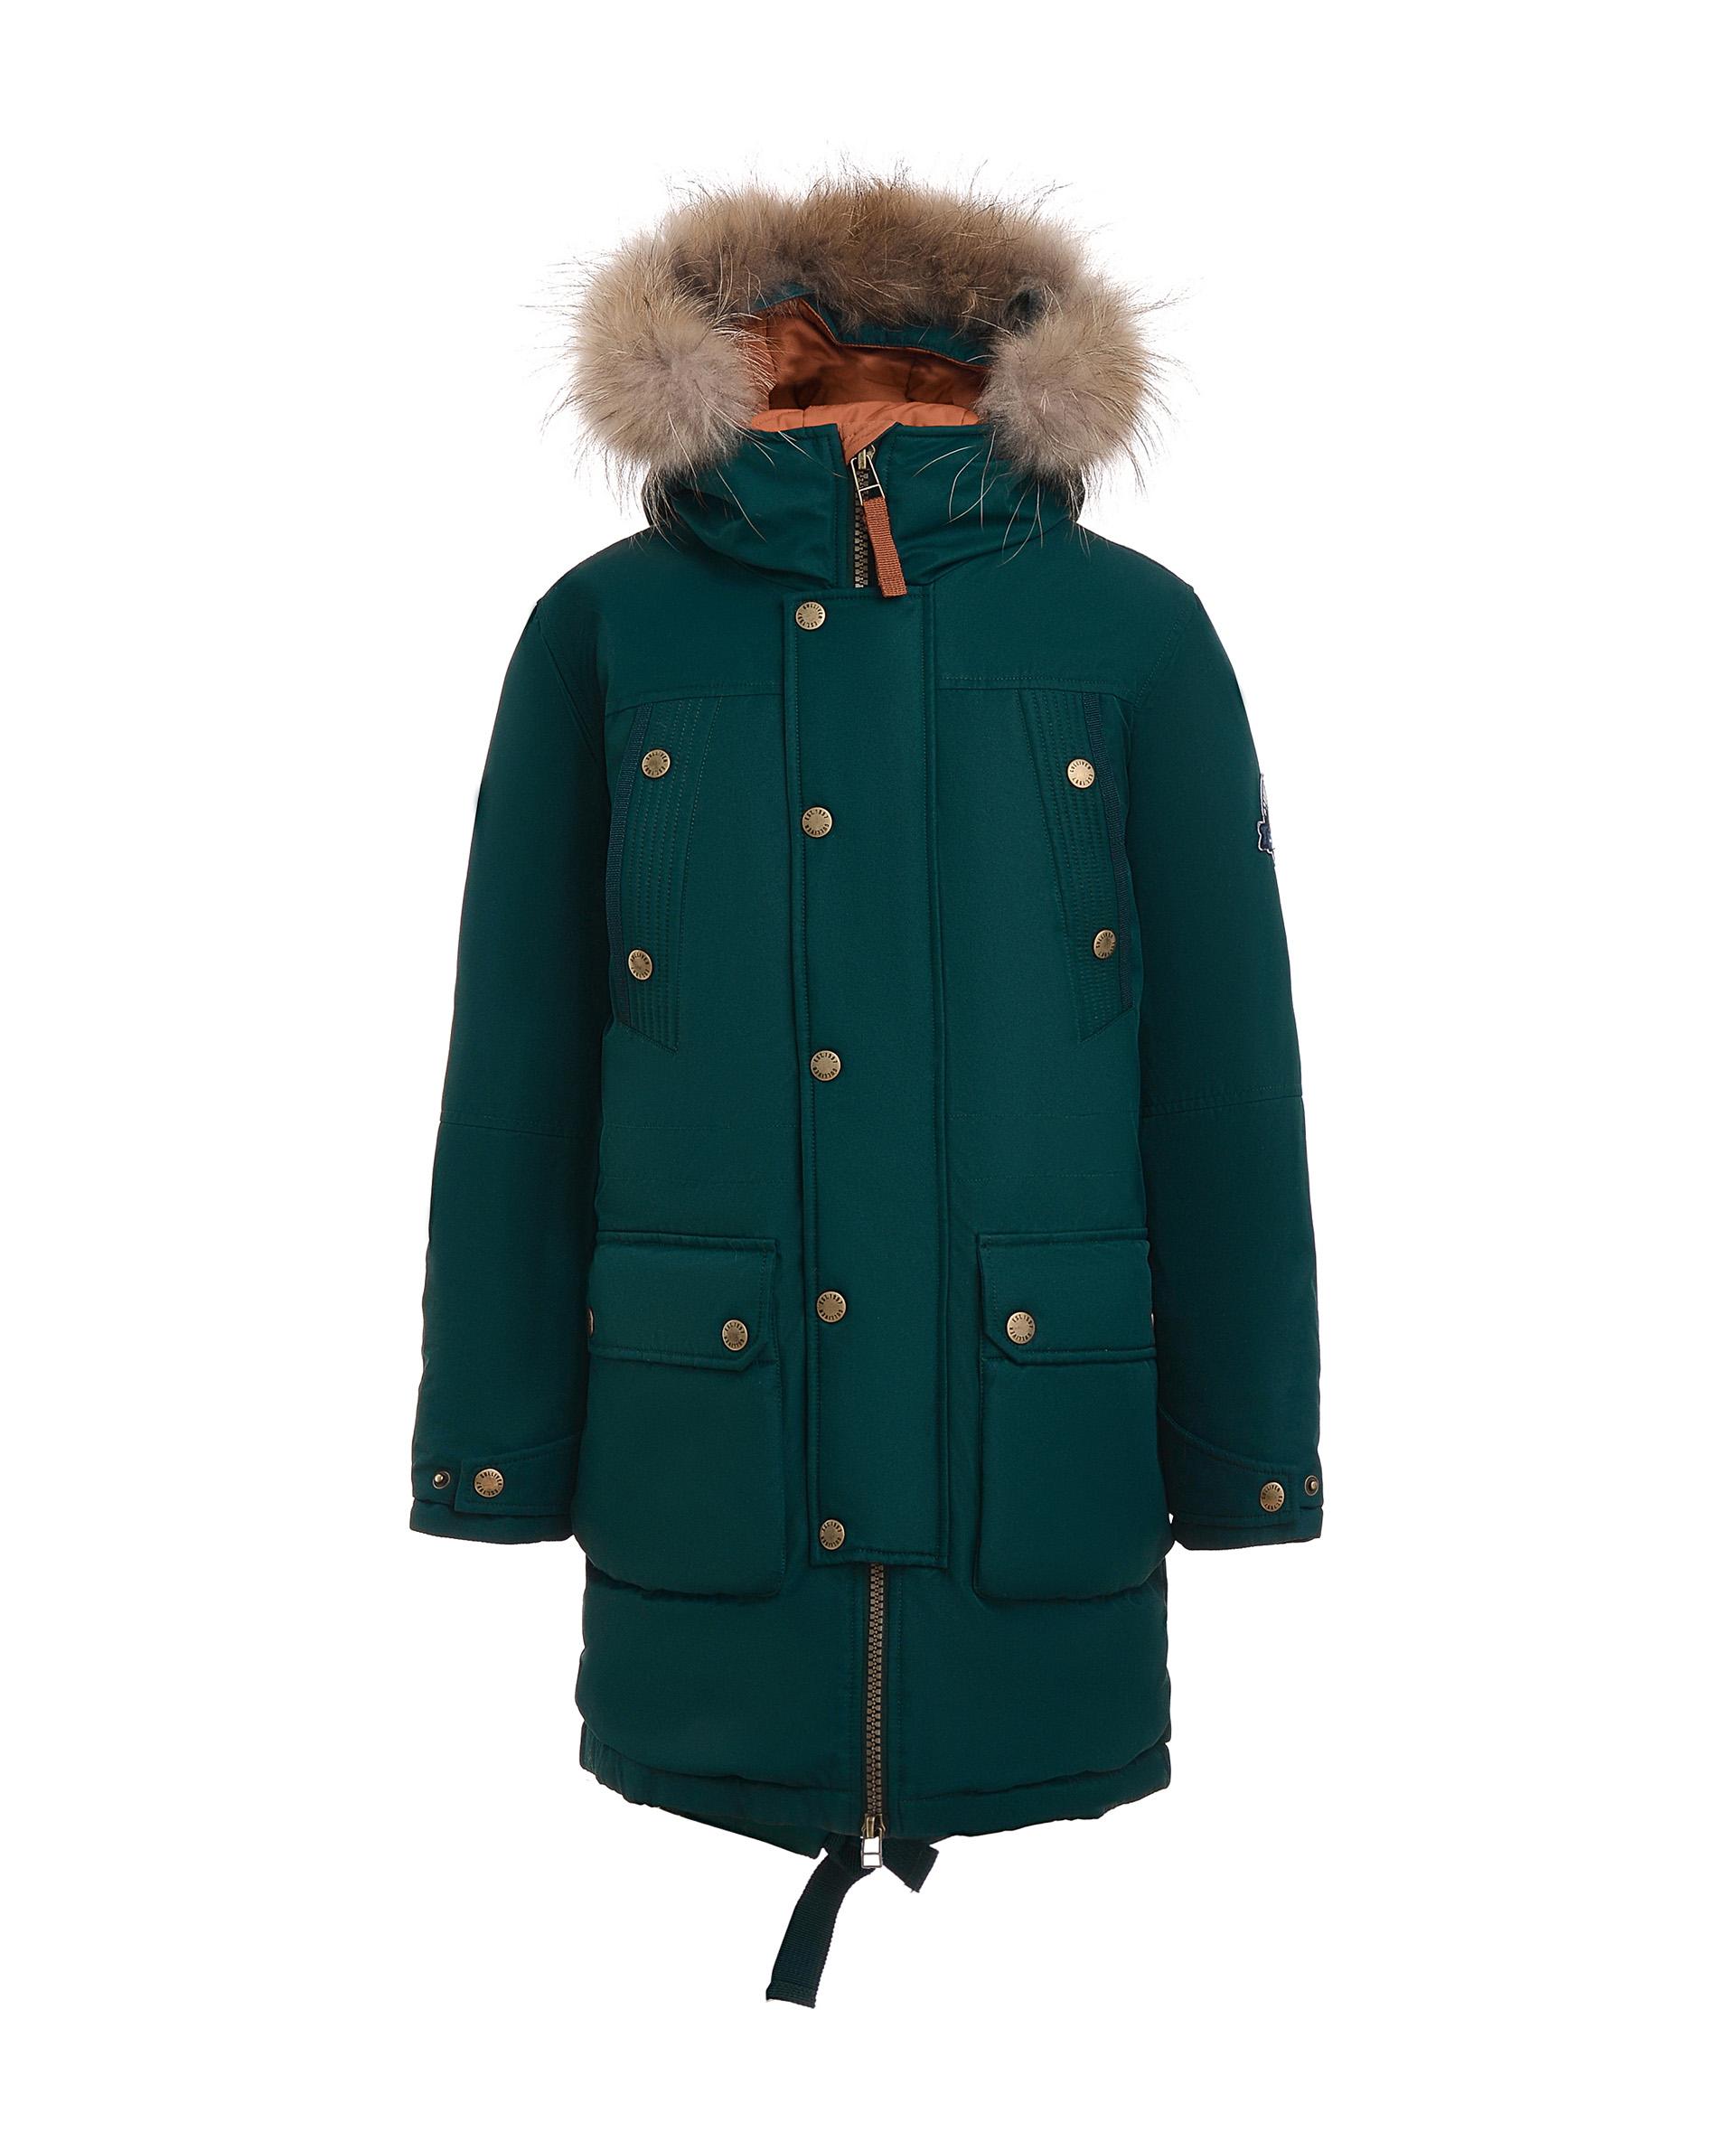 Пальто для мальчиков Gulliver, цв. зеленый, р.134 21911BJC4506